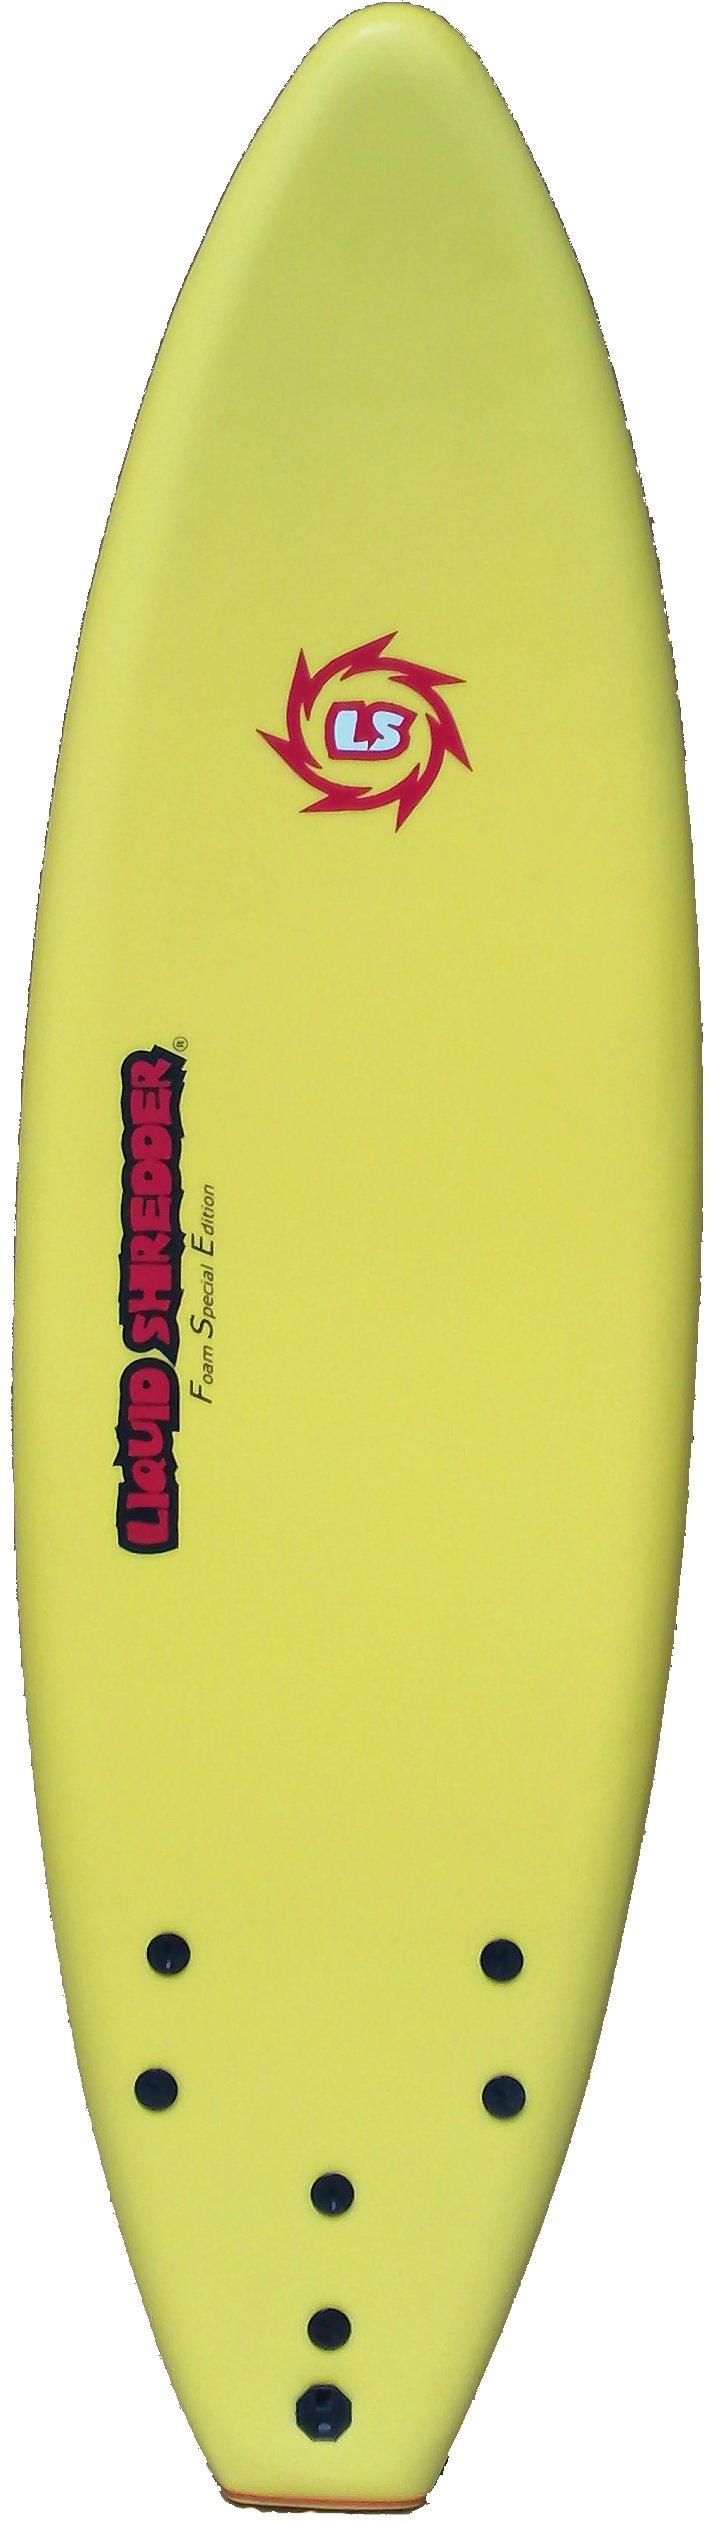 Liquid Shredder FSE EPS/PE Soft Surf Board (Yellow, 6-Feet) by Liquid Shredder